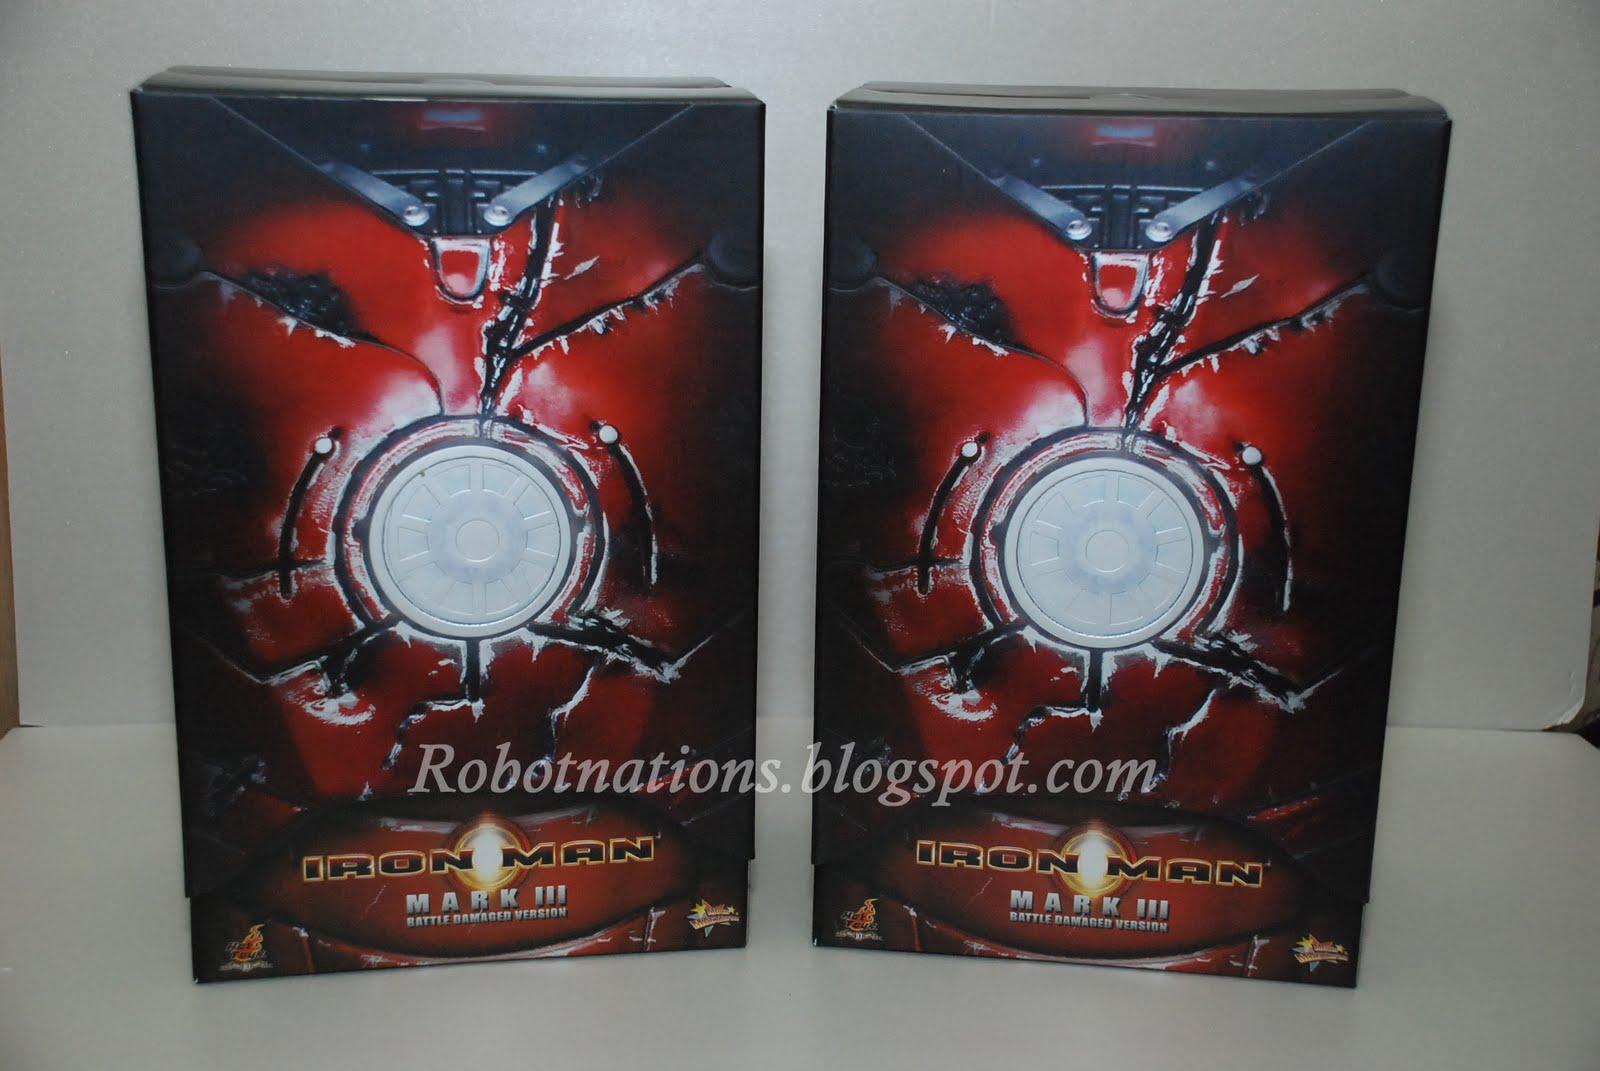 http://1.bp.blogspot.com/_Edaoj6EzsqI/S9wlaOd-jBI/AAAAAAAAAvM/2ssrPsdRhGE/s1600/DSC_0383.jpg